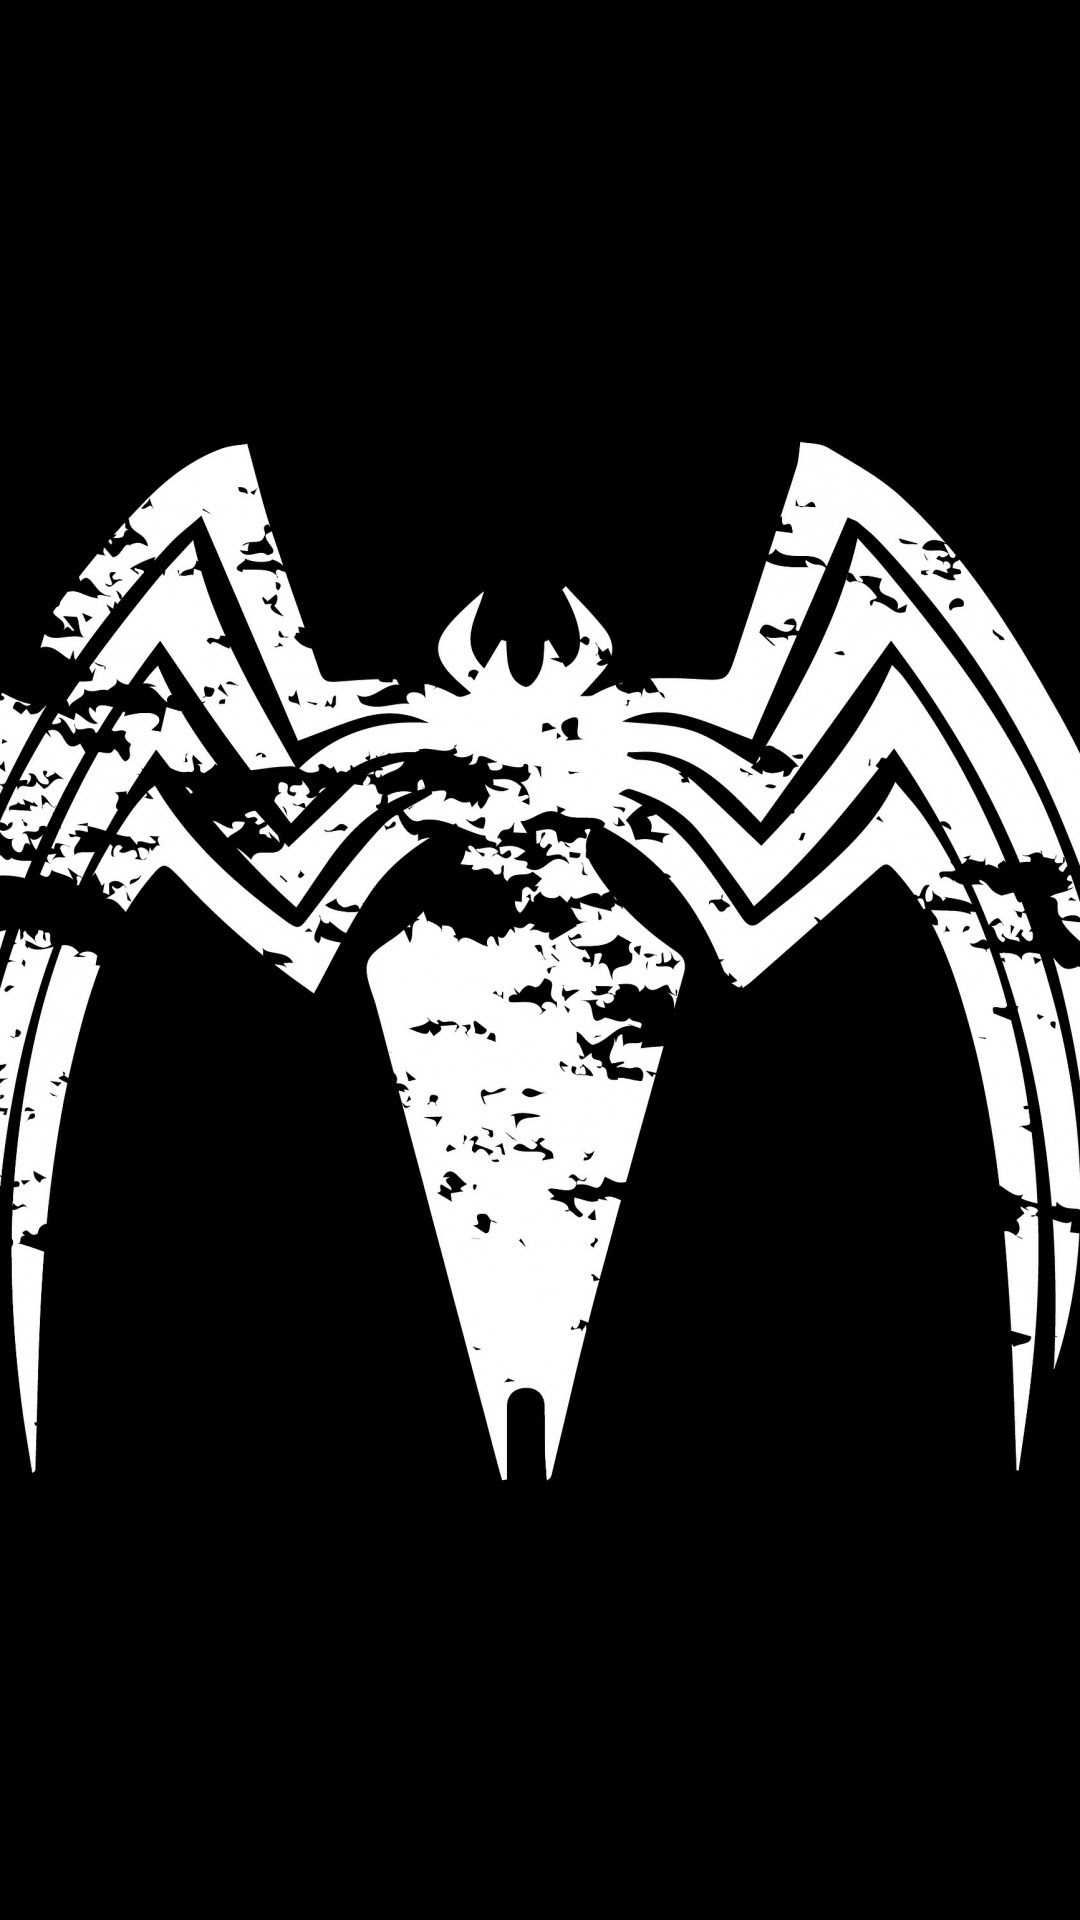 Venom iPhone Wallpaper (63+ images)